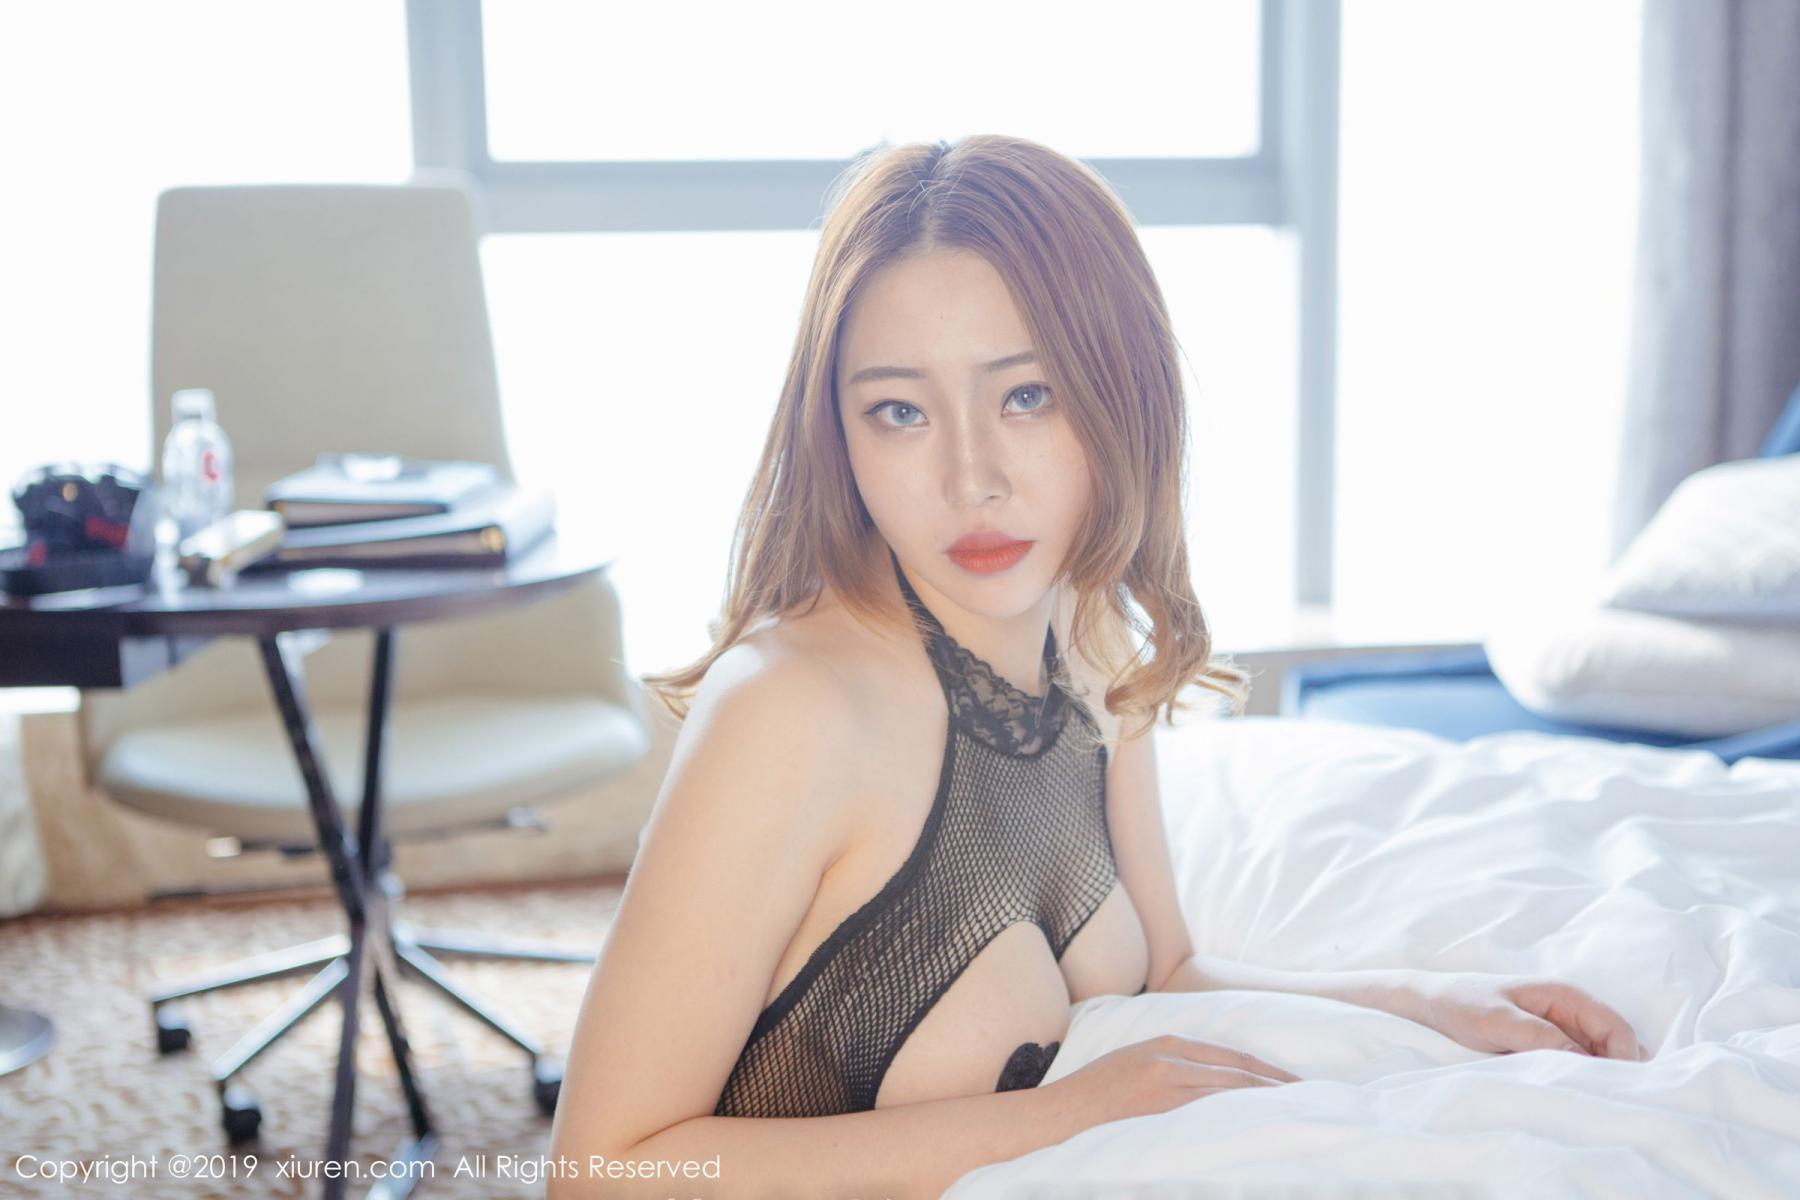 [XiuRen] Vol.1481 Yao A Yao De Yao 44P, Adult, Xiuren, Yao A Yao De Yao